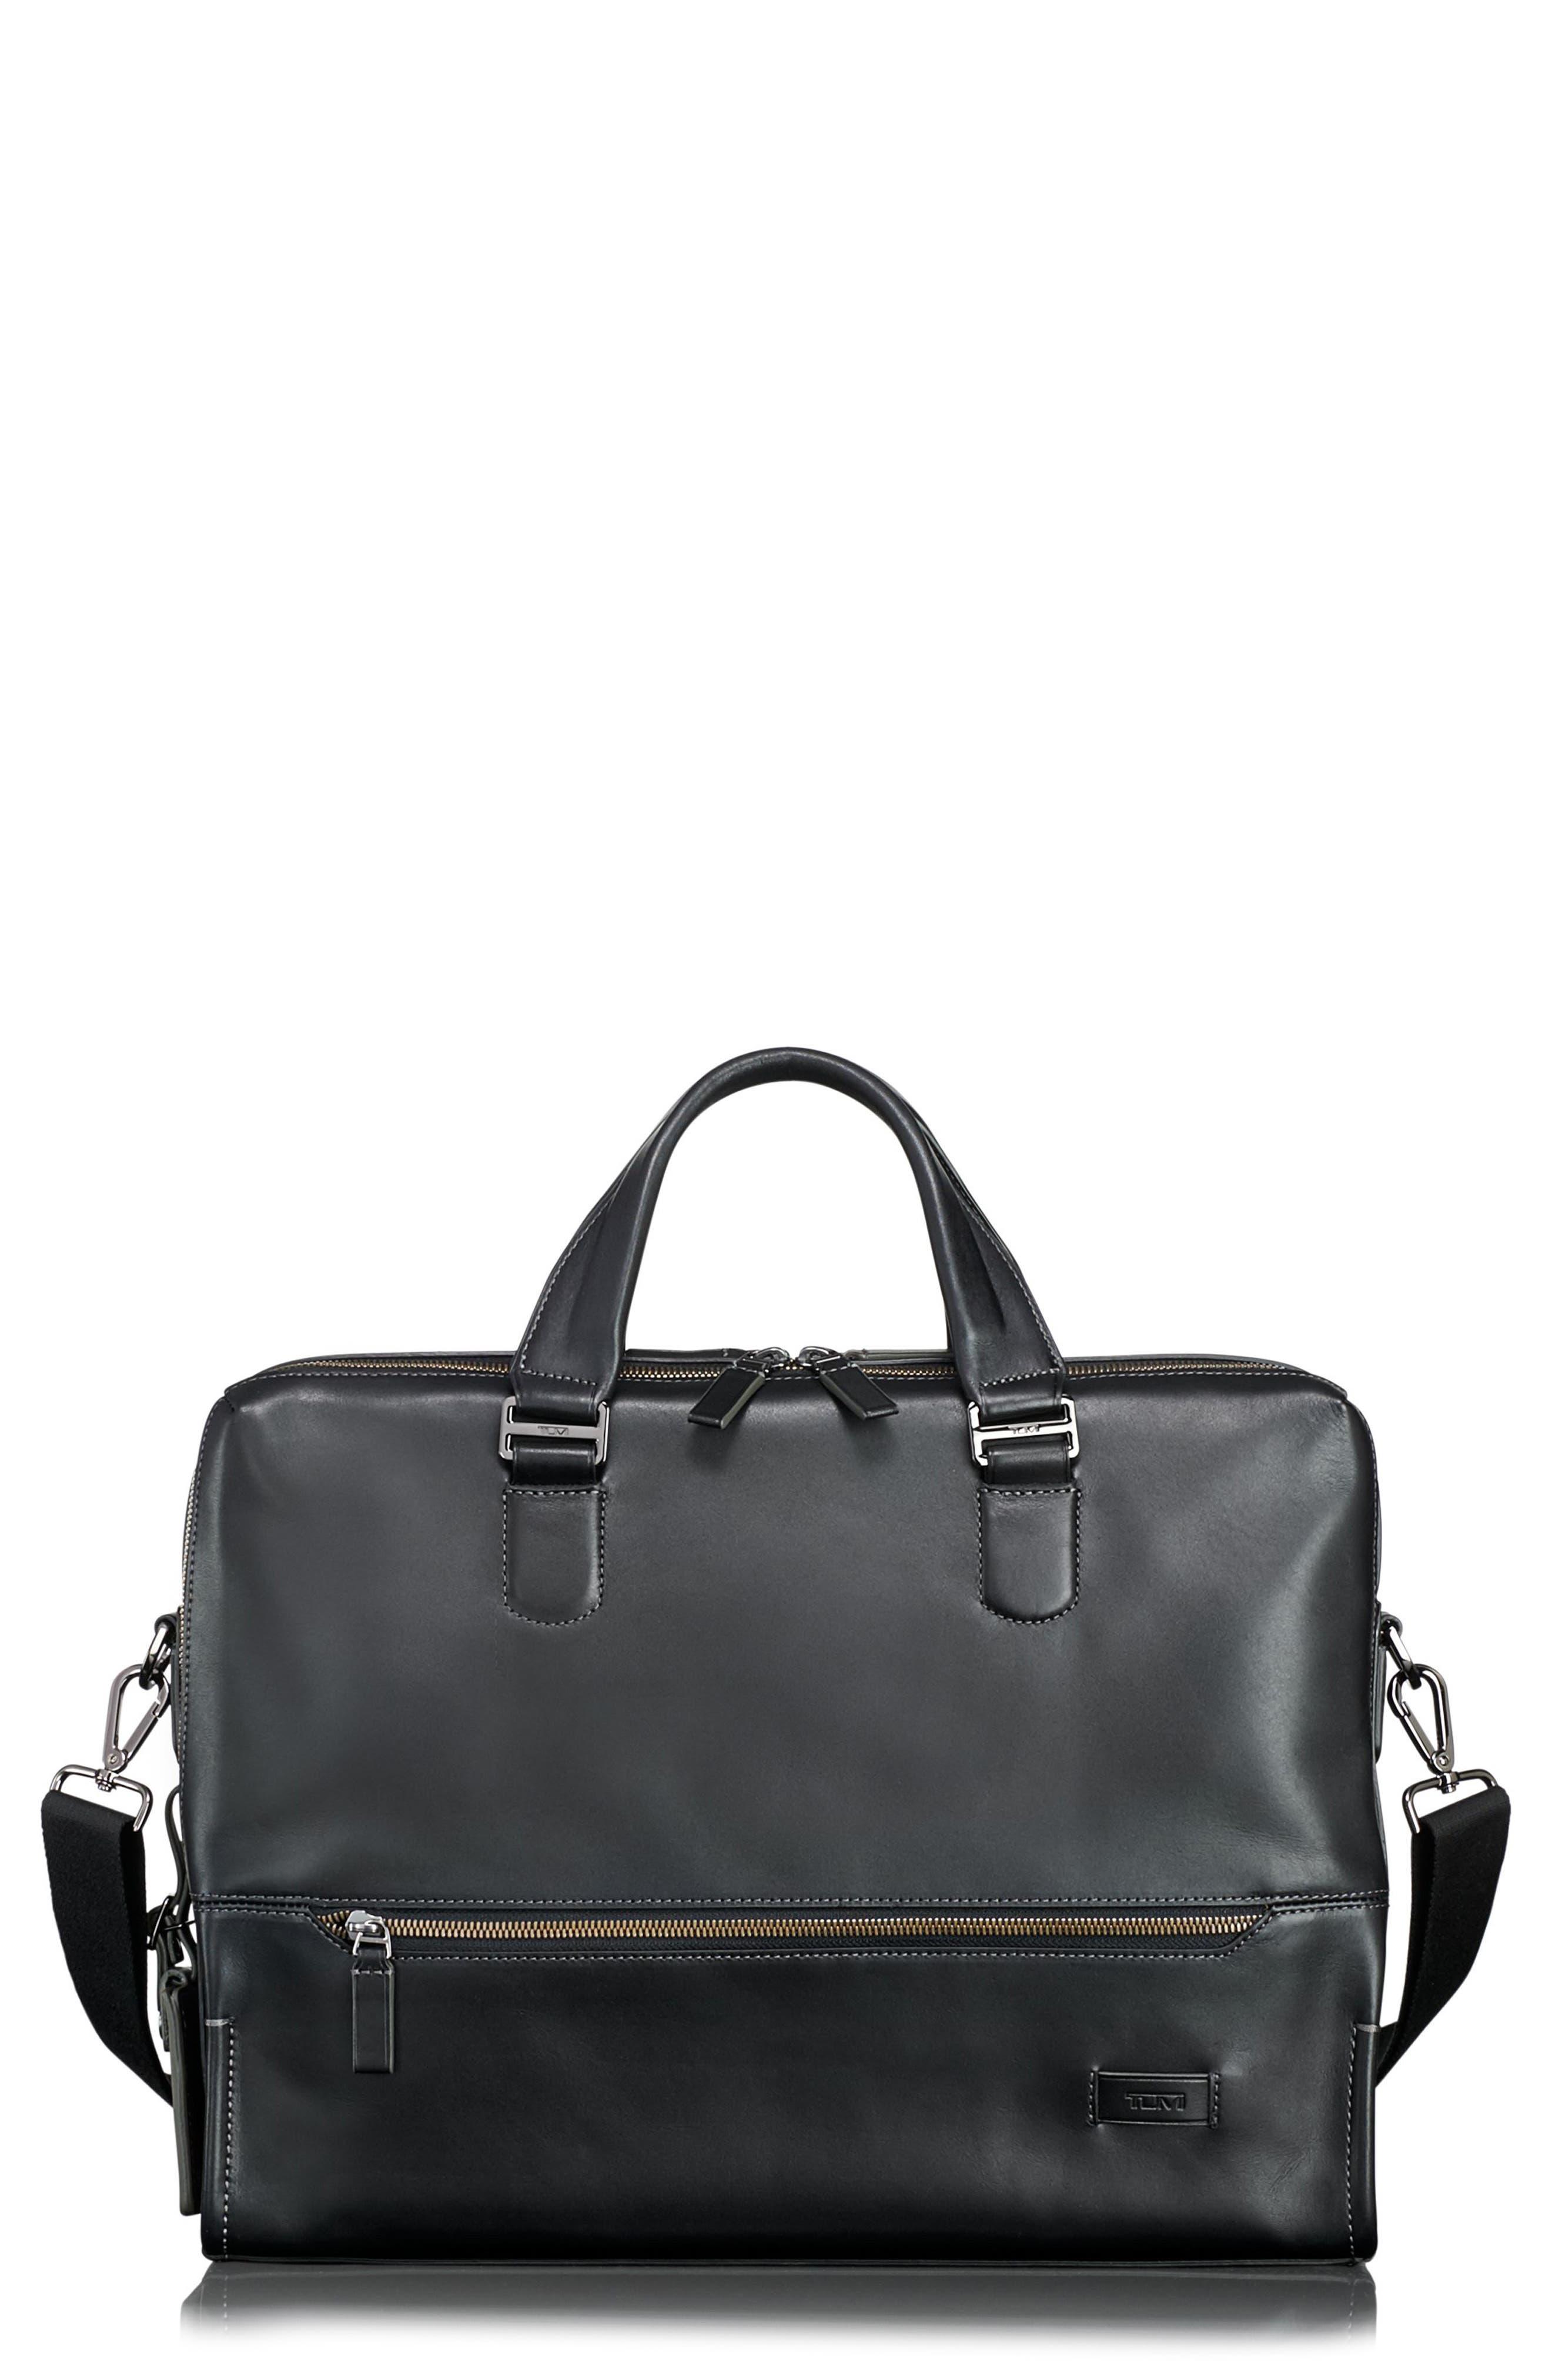 Harrison Horton Double Zip Leather Briefcase,                             Main thumbnail 1, color,                             001